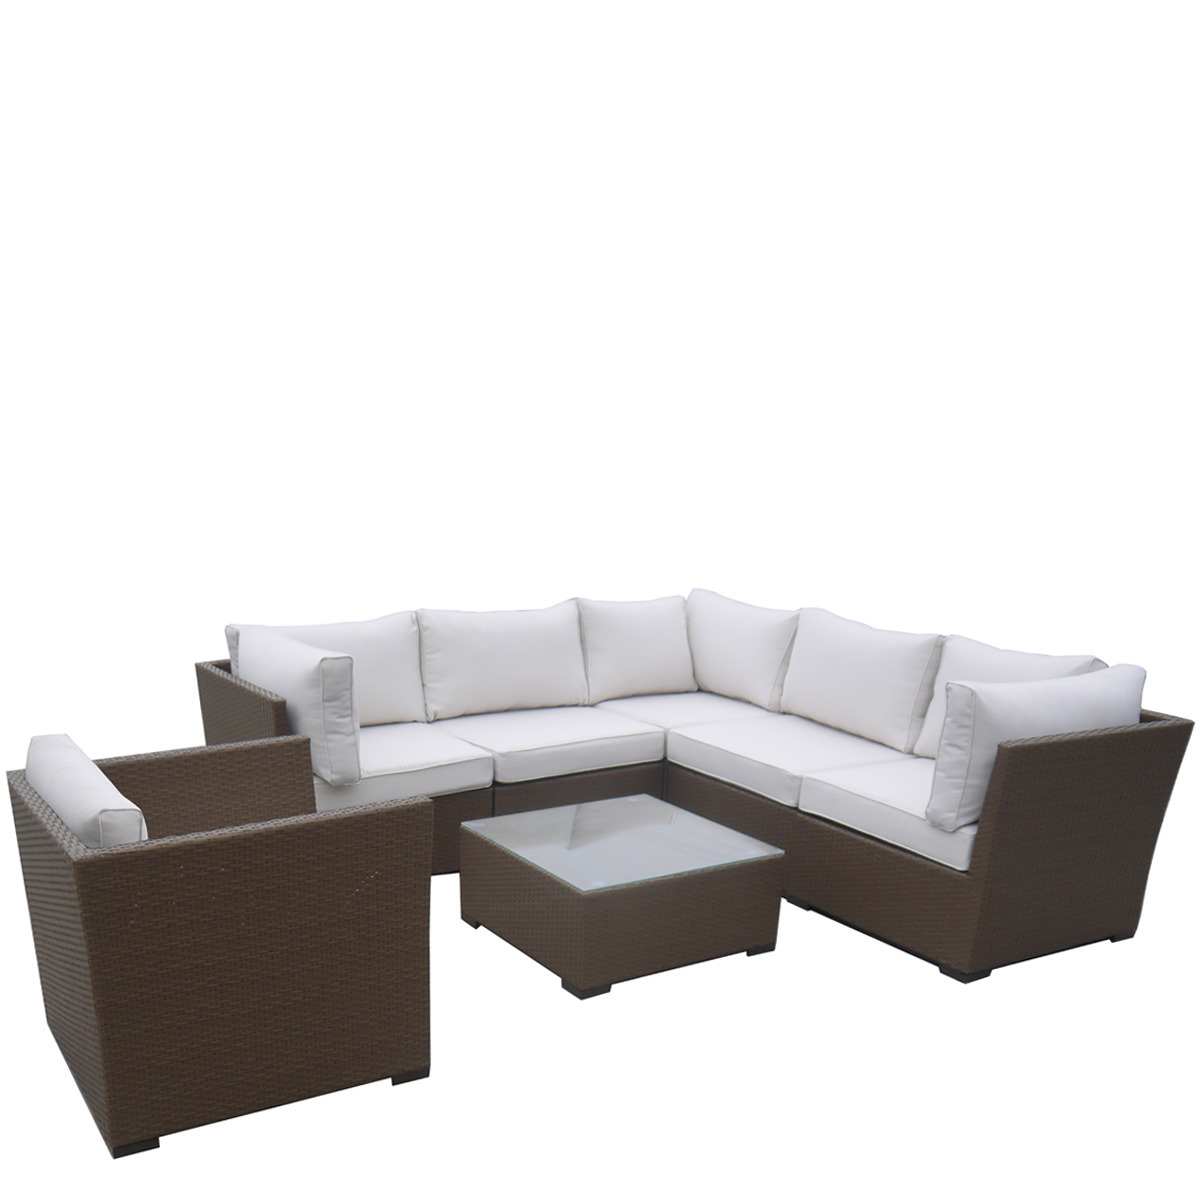 Revista muebles mobiliario de dise o for El corte ingles muebles comedor